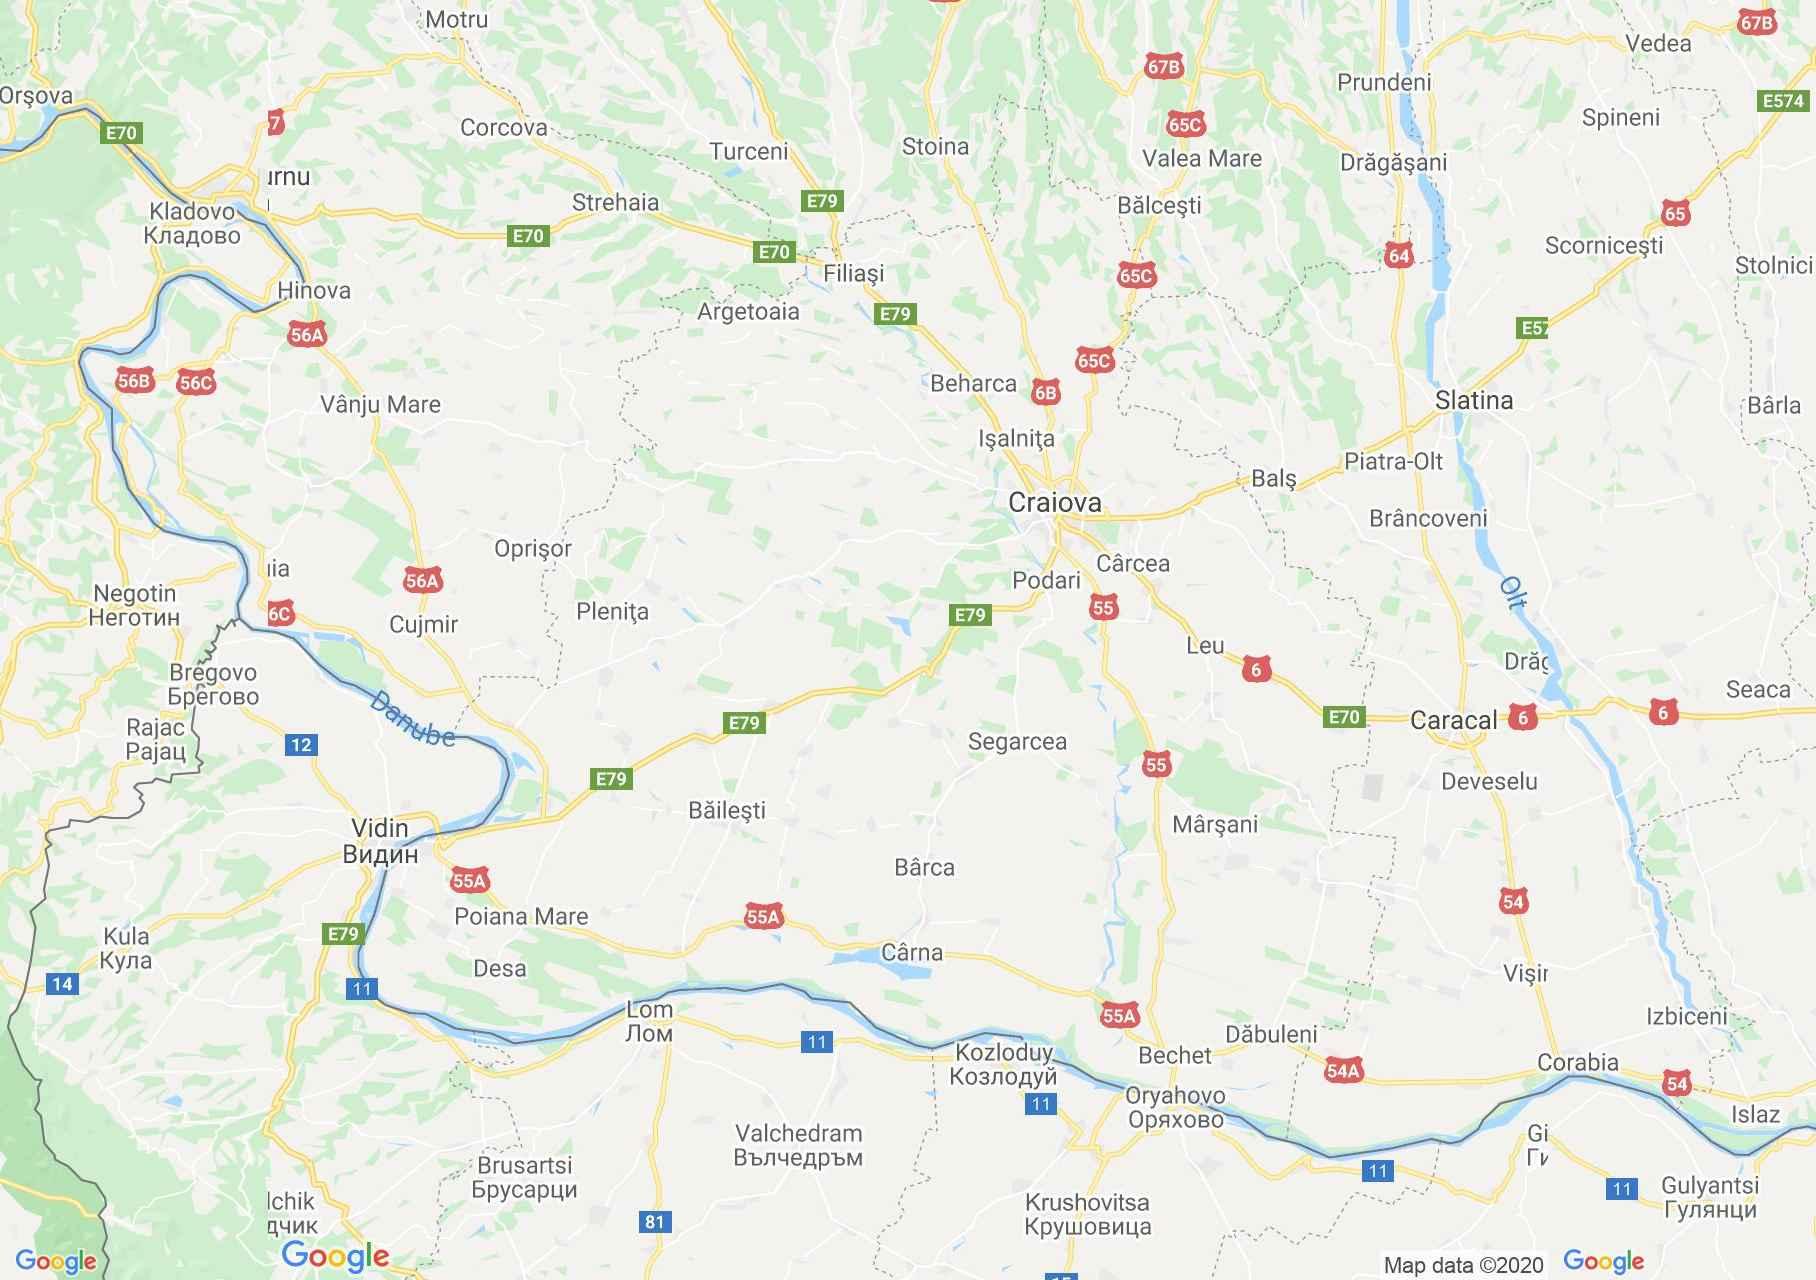 Judeţul Dolj: (Craiova), Harta turistică interactivă